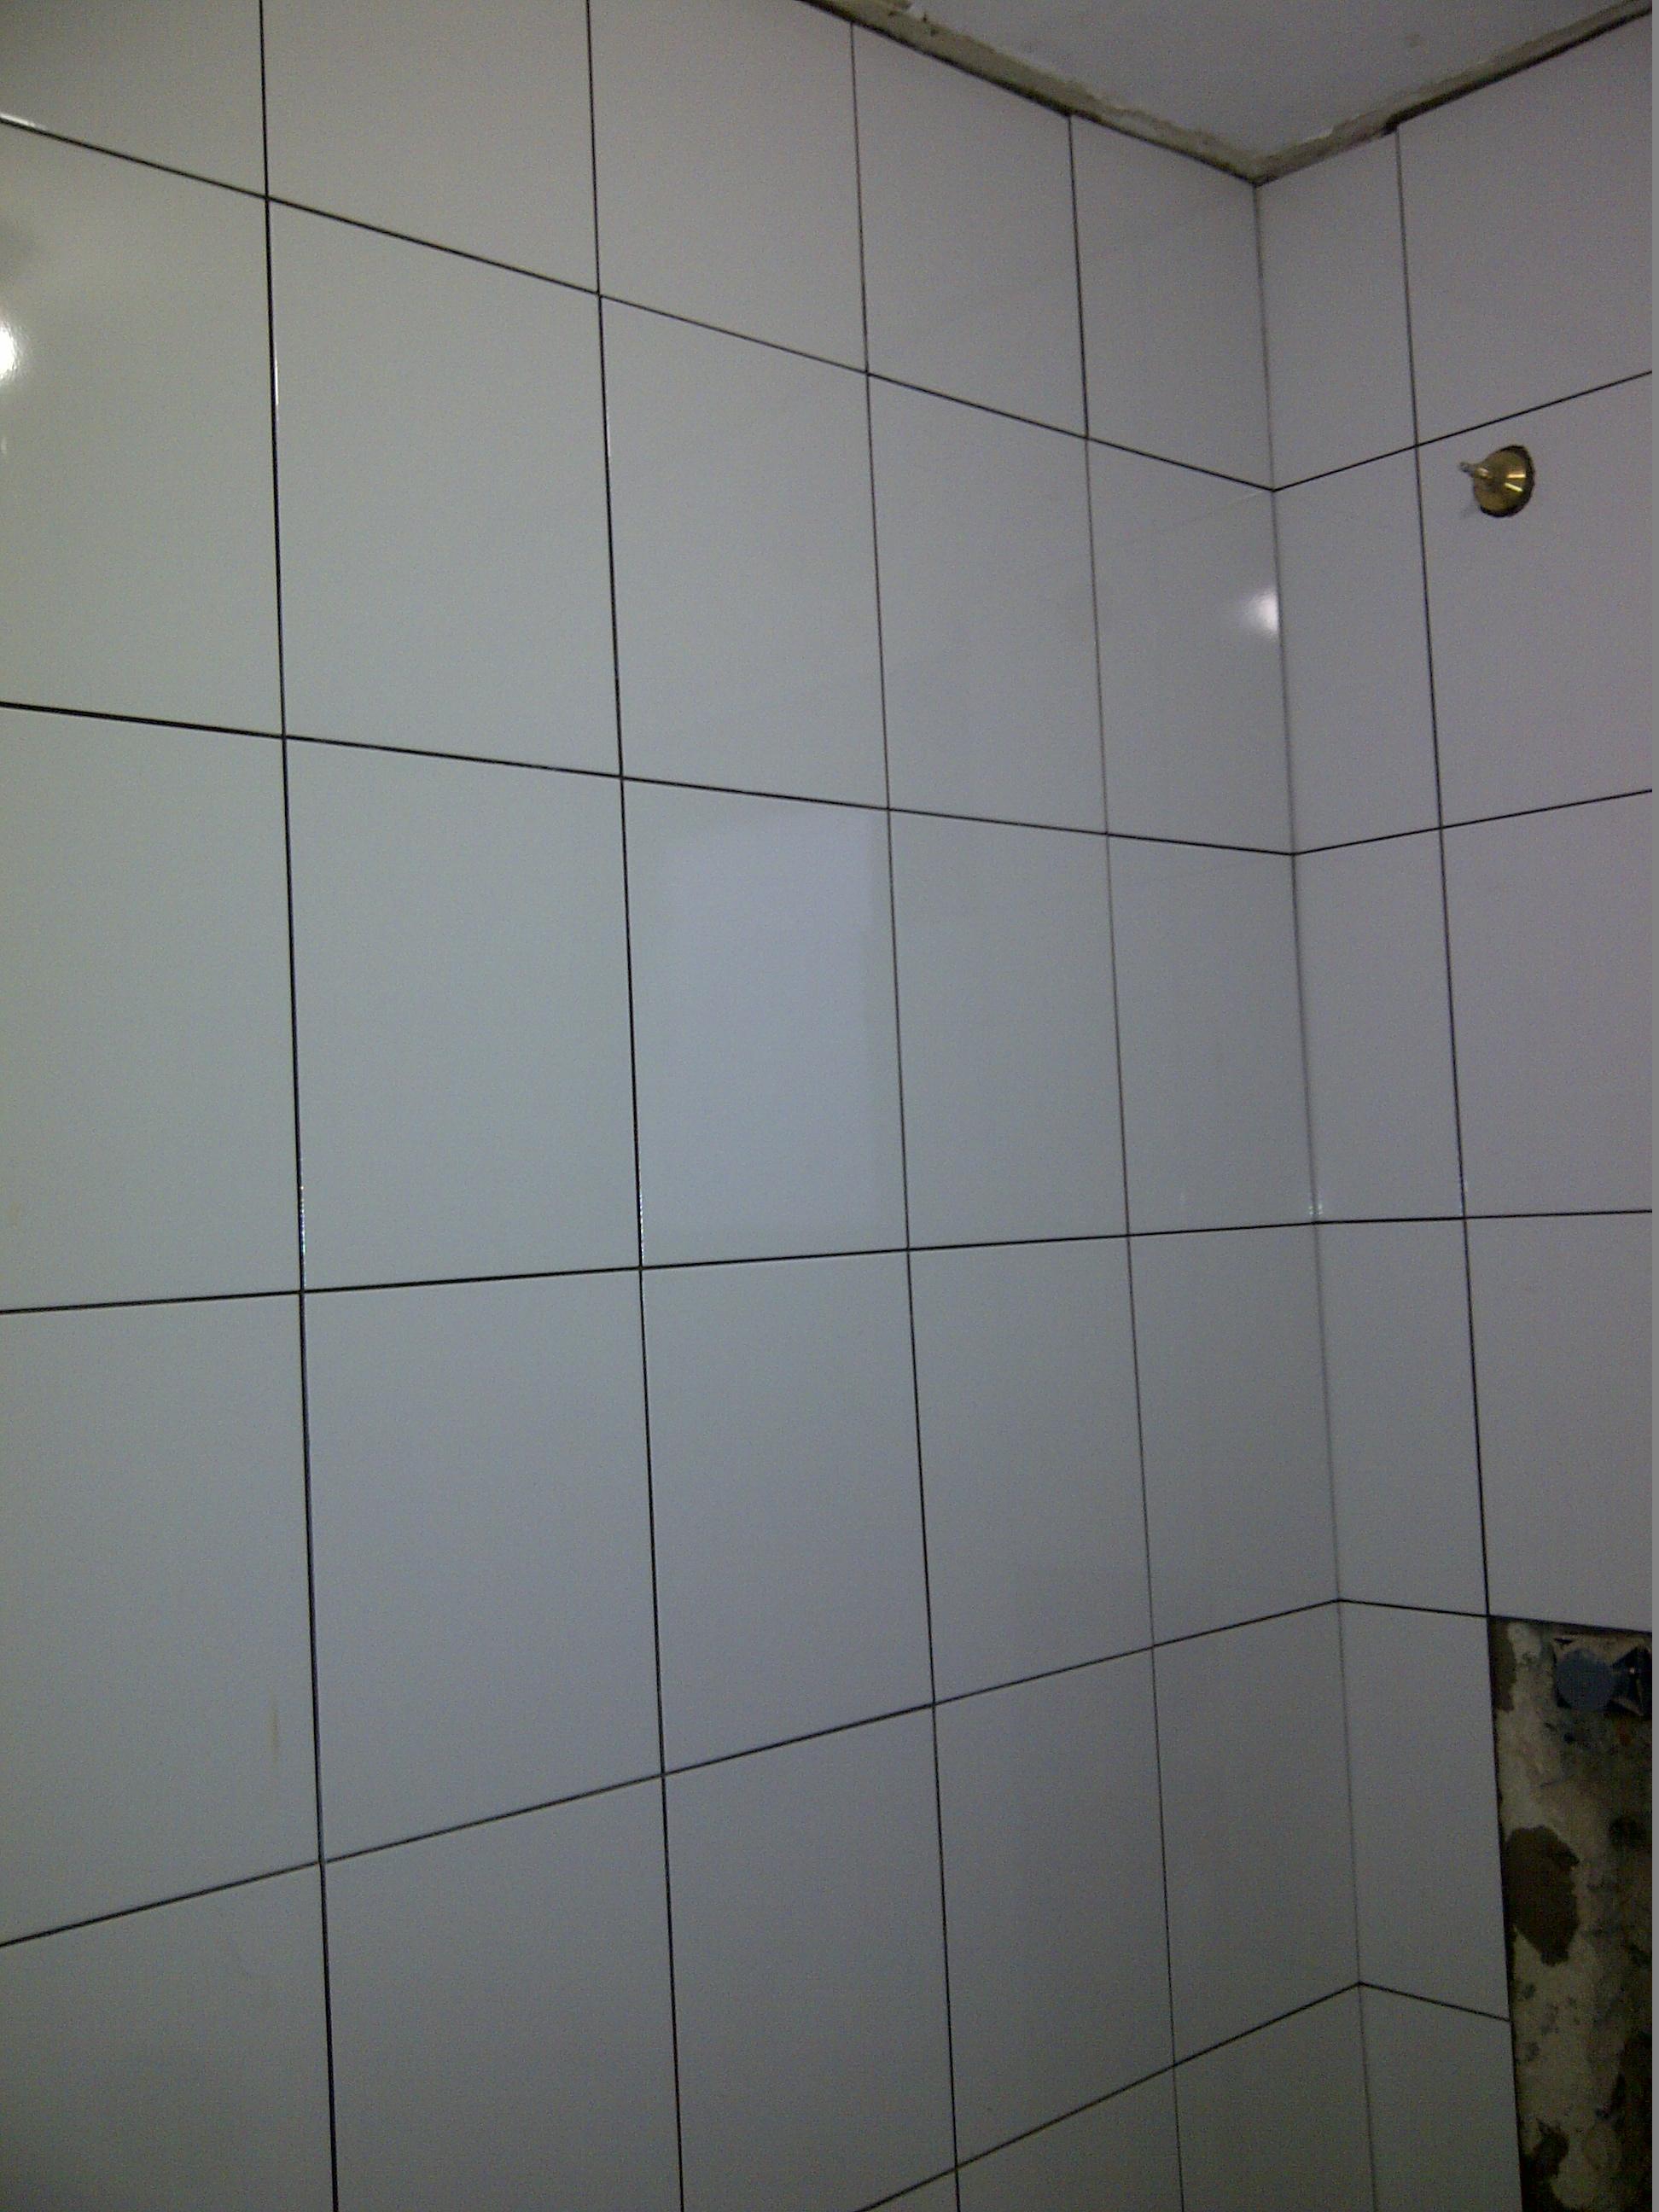 Depois] Banheiro – encanamento piso e revestimento vitro e  #6C6E5D 1944 2592